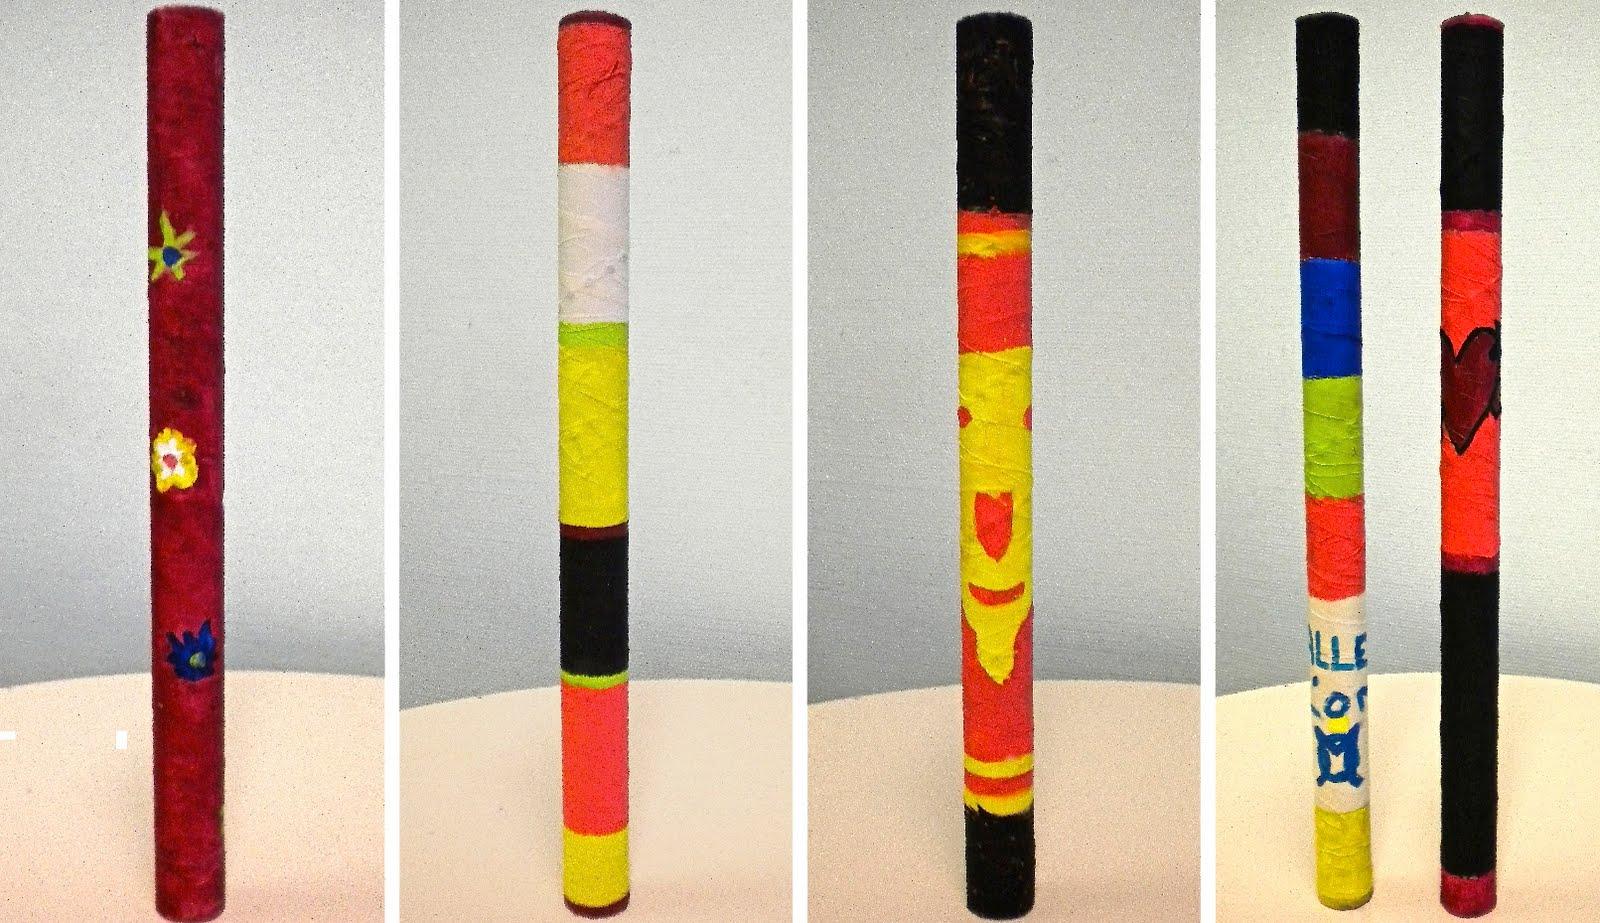 Baton De Pluie En Bois - Récré Art Le B u00e2ton de Pluie ou B u00e2ton de Parole